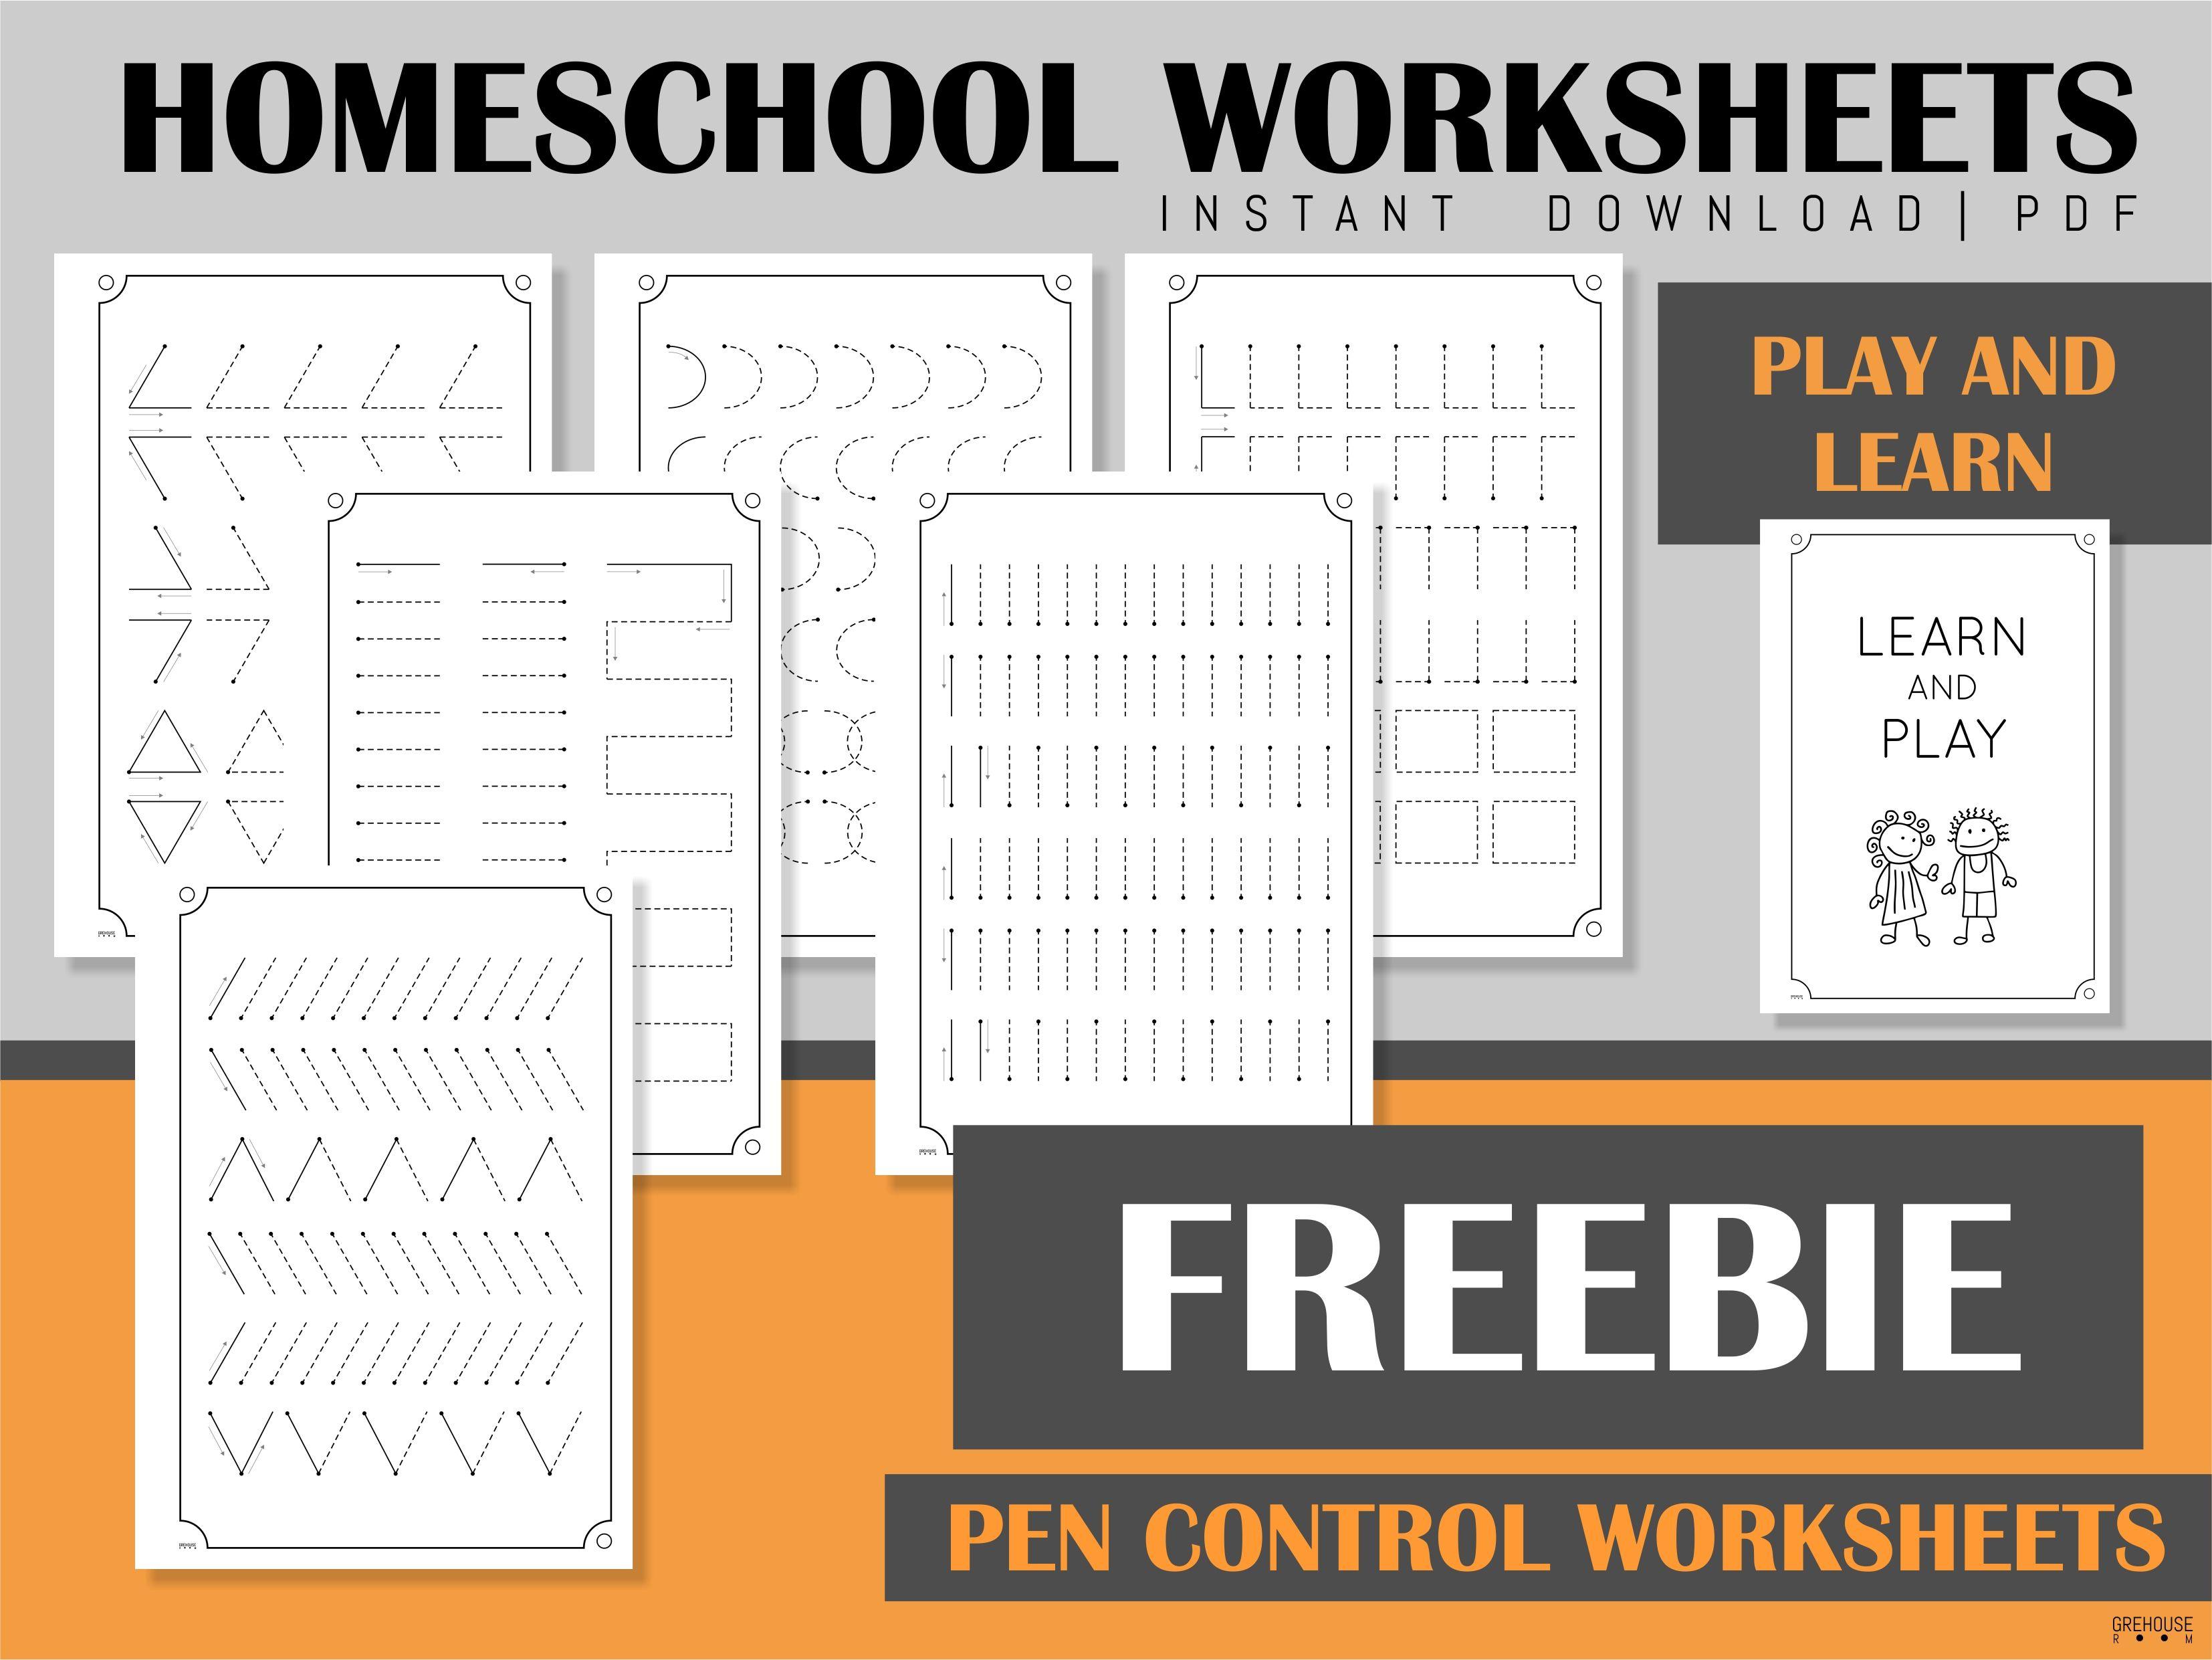 Freebie Handwriting Practice Sheets In